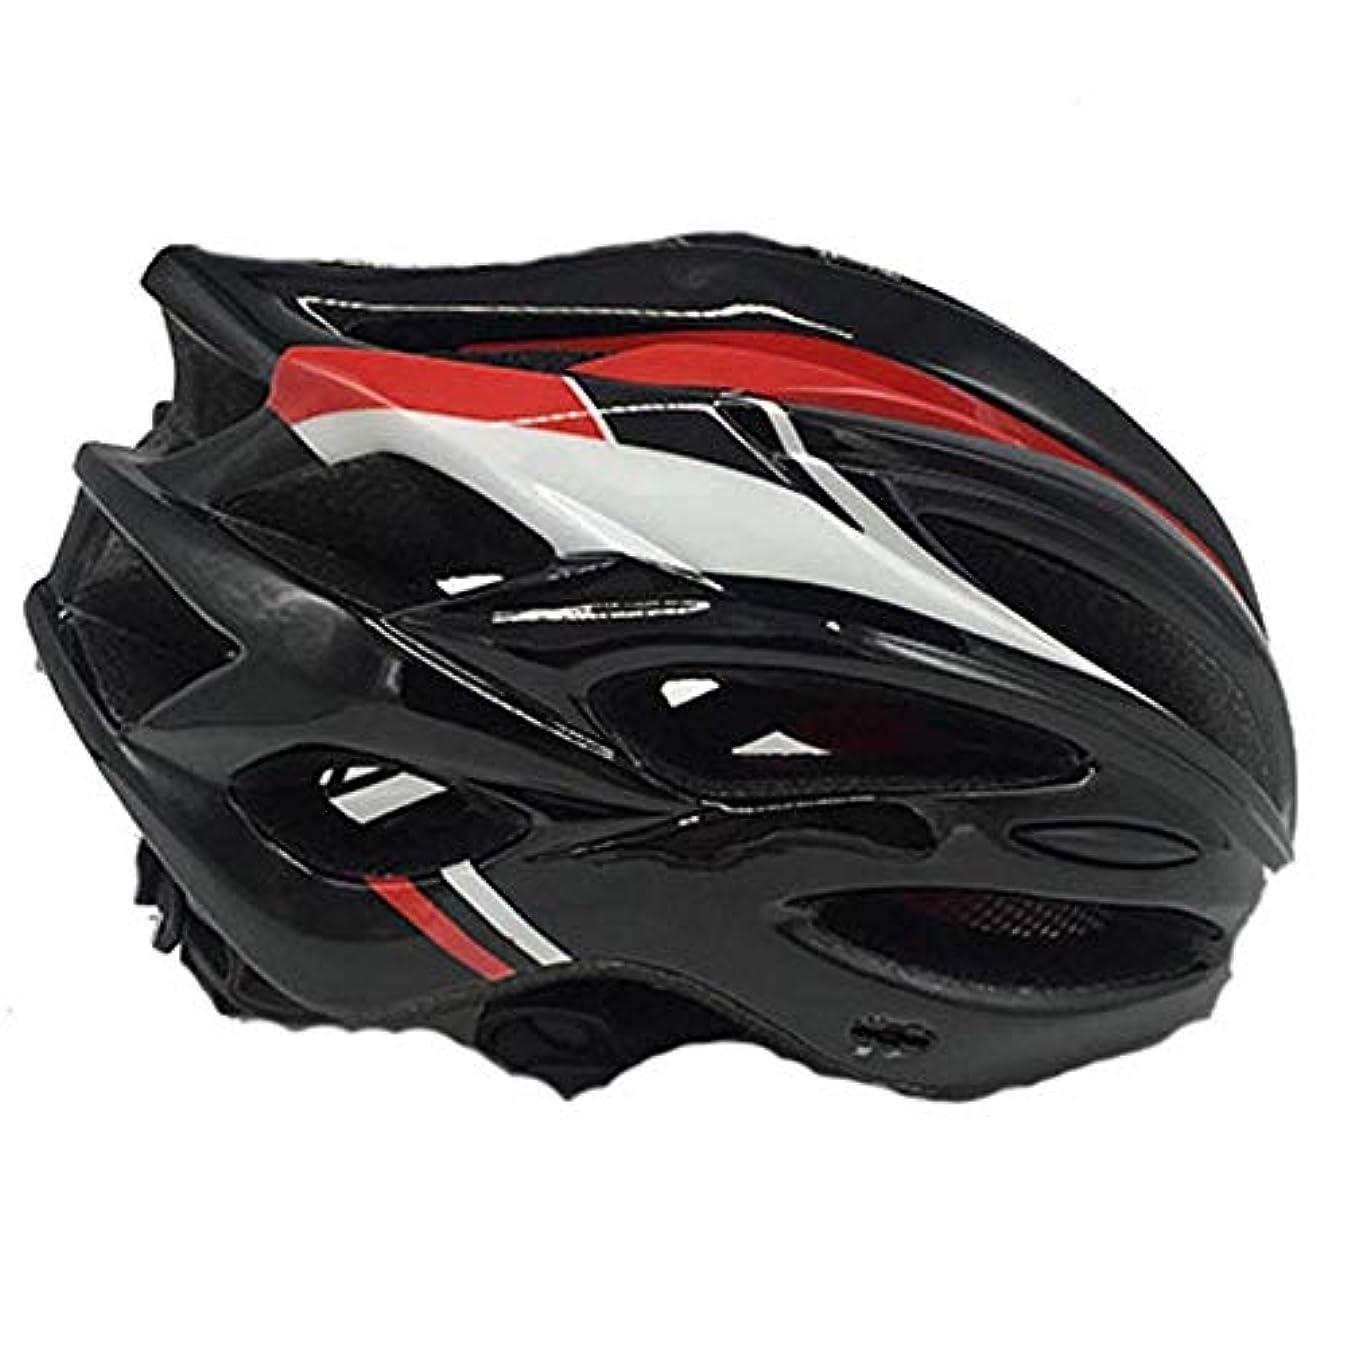 電子講義日食TOMSSL高品質 自転車用ヘルメット軽量乗馬用ヘルメットマウンテンバイク自転車用ヘルメット男性と女性用通気性ヘルメット乗馬用具 TOMSSL高品質 (Color : Black)